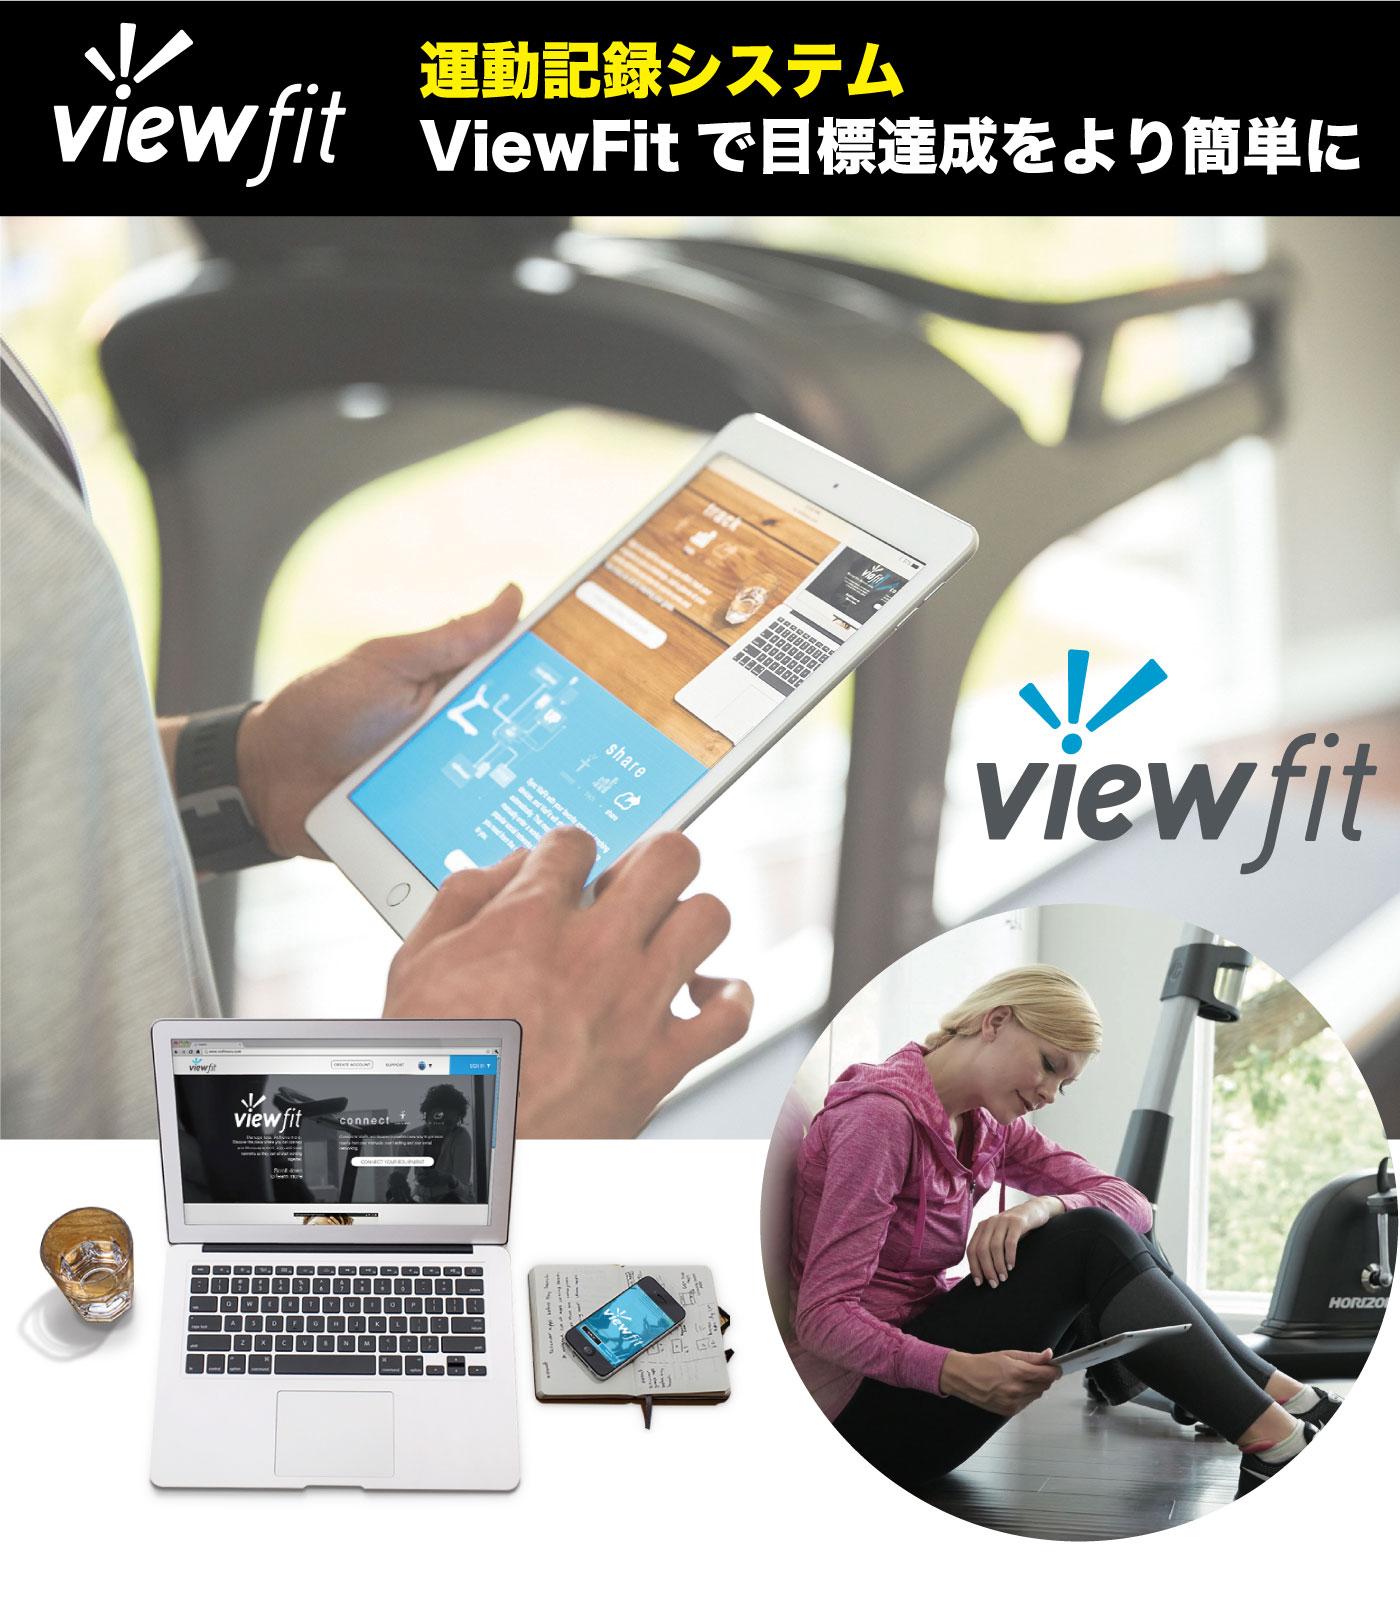 ViewFit